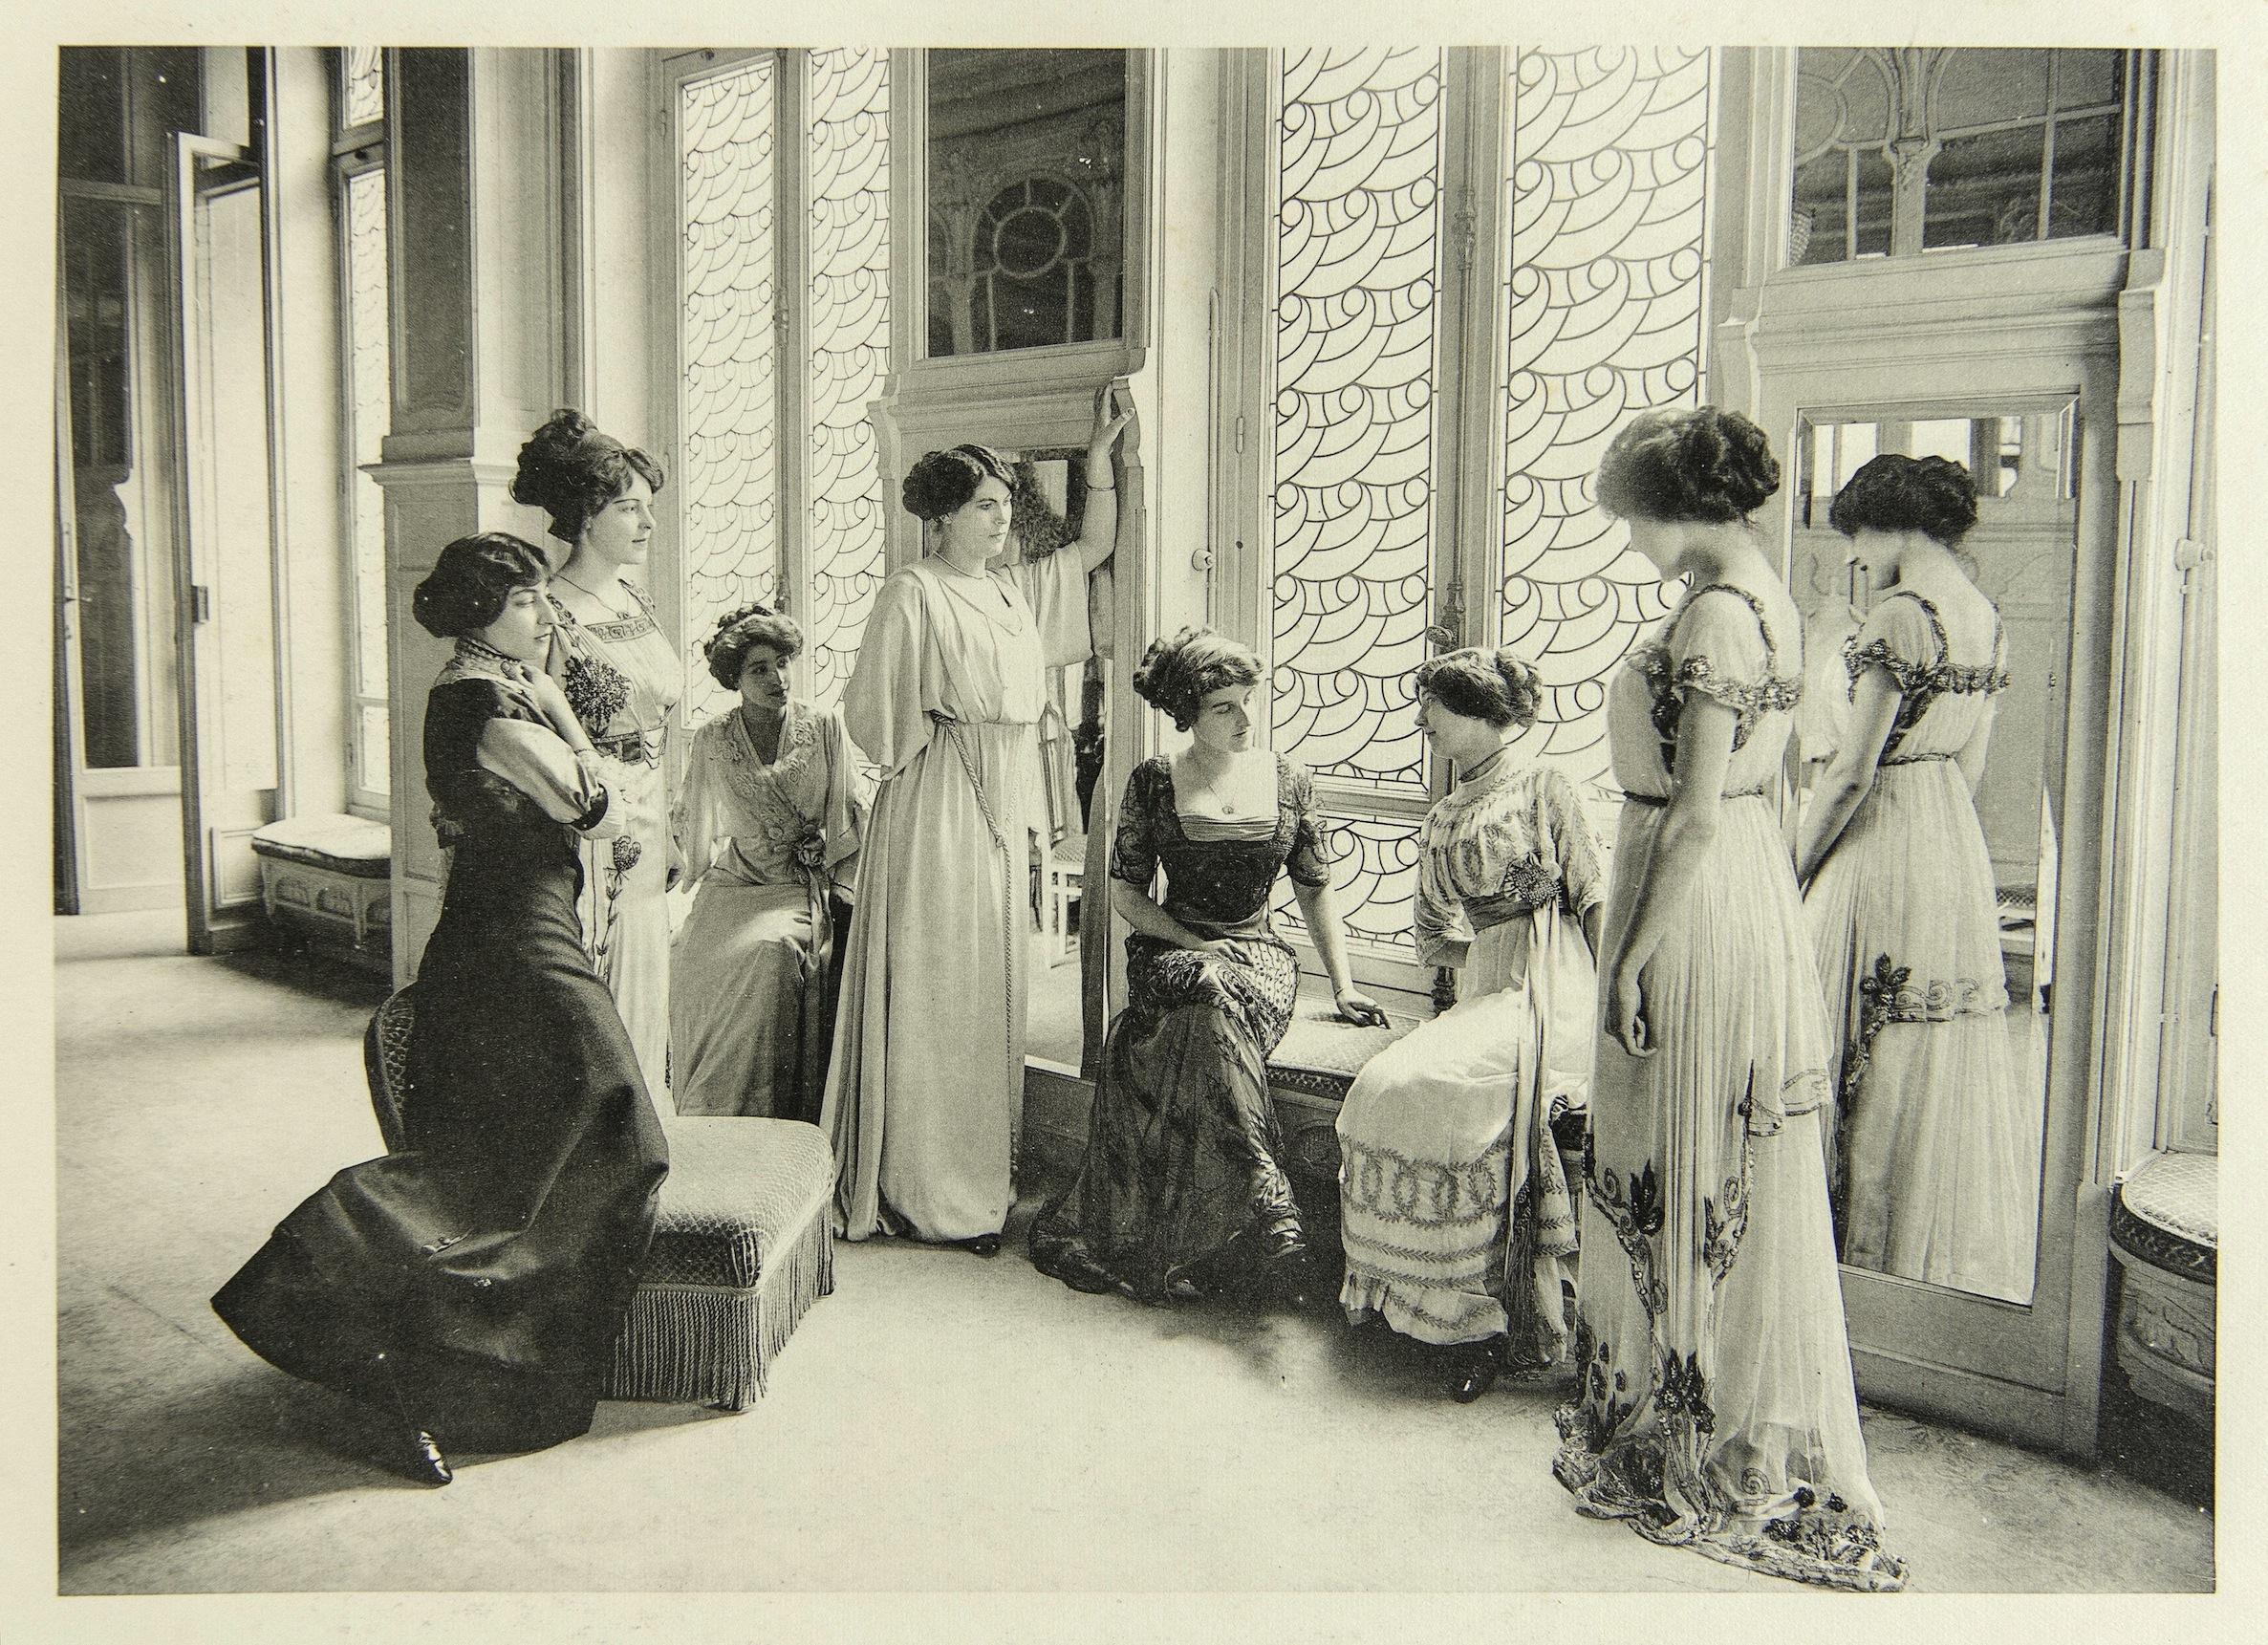 G. Agié, Les mannequins, 1910, Photographie extraite de l'album Les Créateurs de mode (éd. du Figaro)